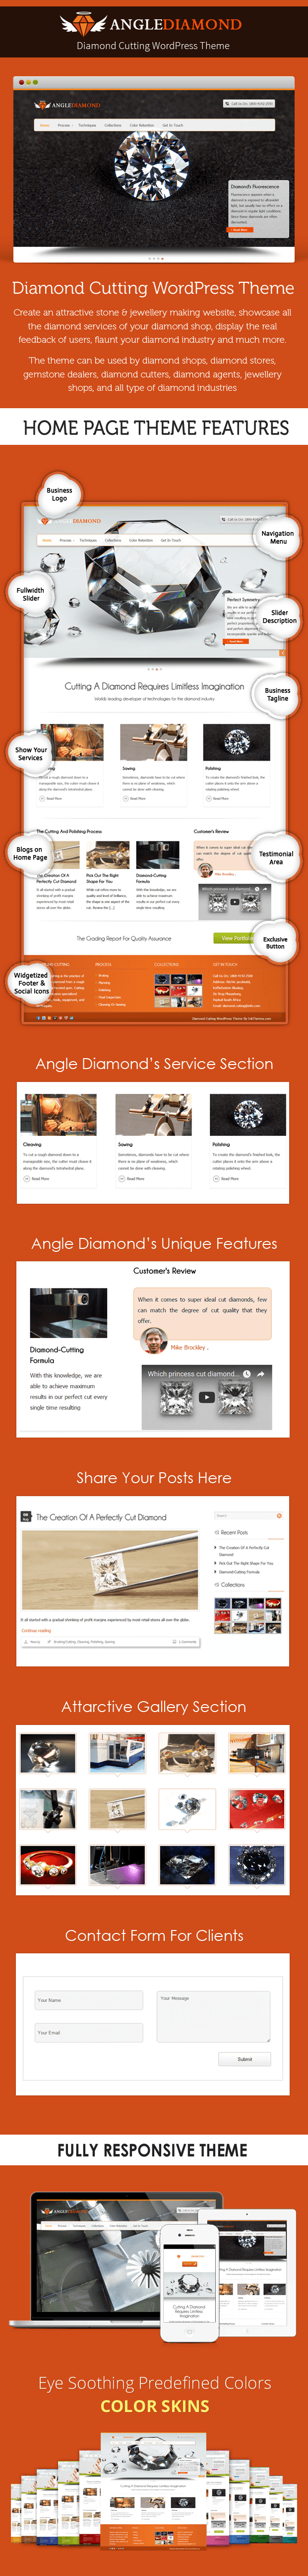 Diamond Cutting WordPress Theme Sales Page Preview